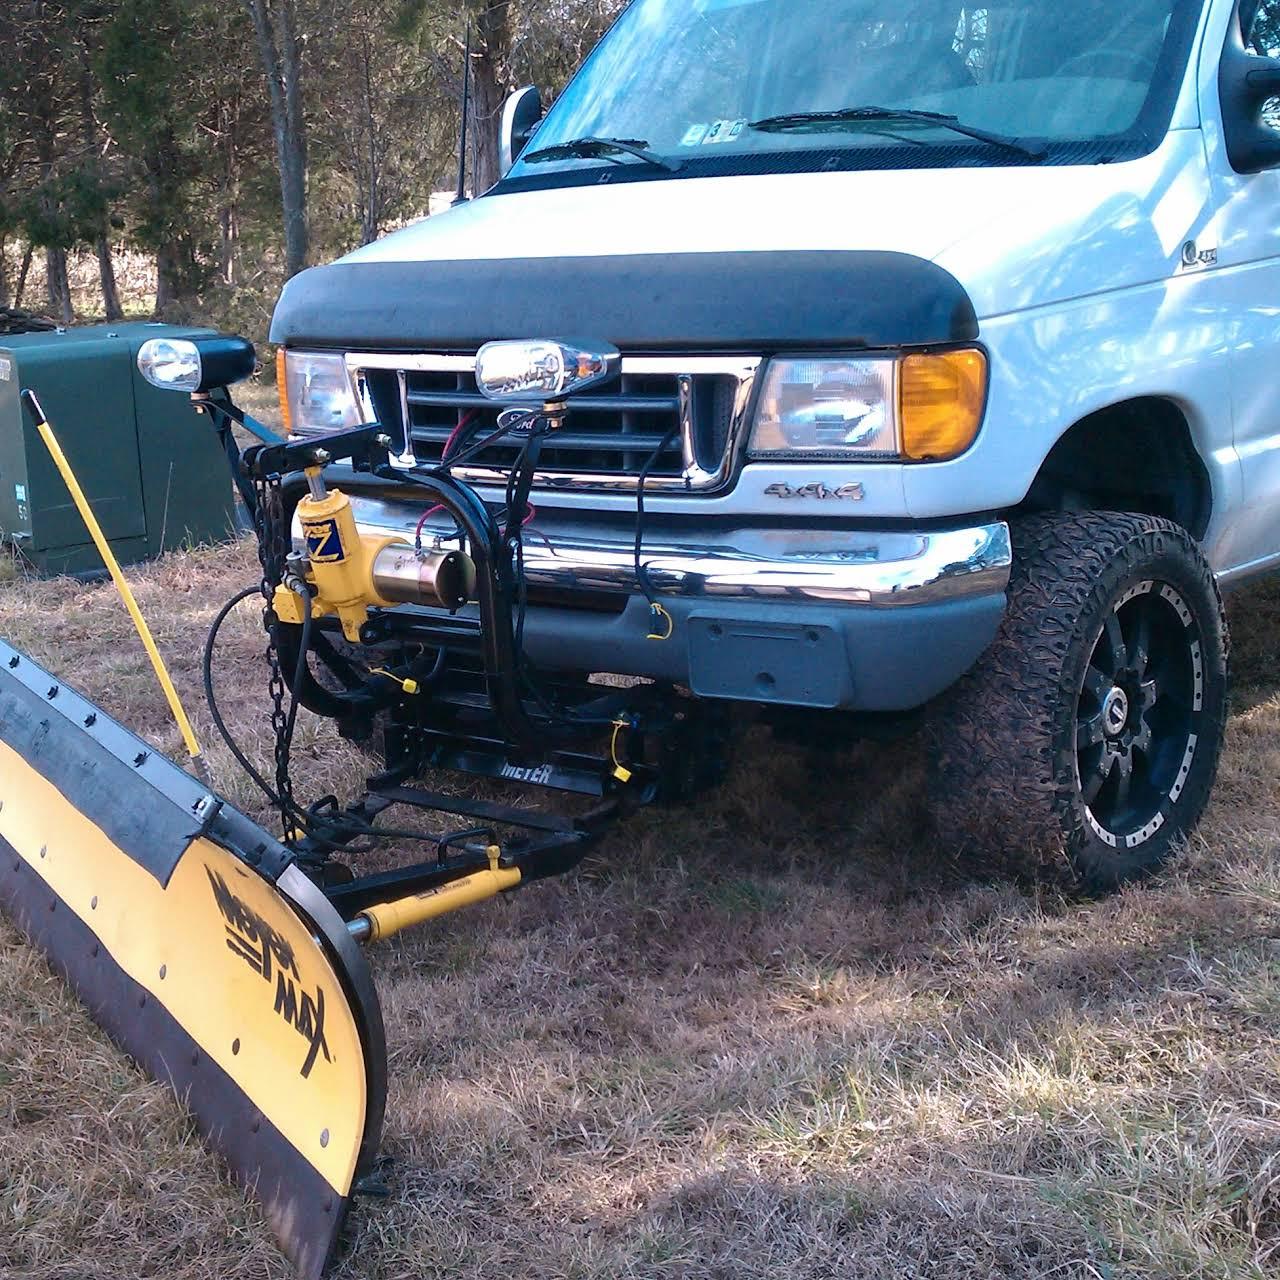 RV Service Motorhome Mobile Repair Maintenance   RV Repair